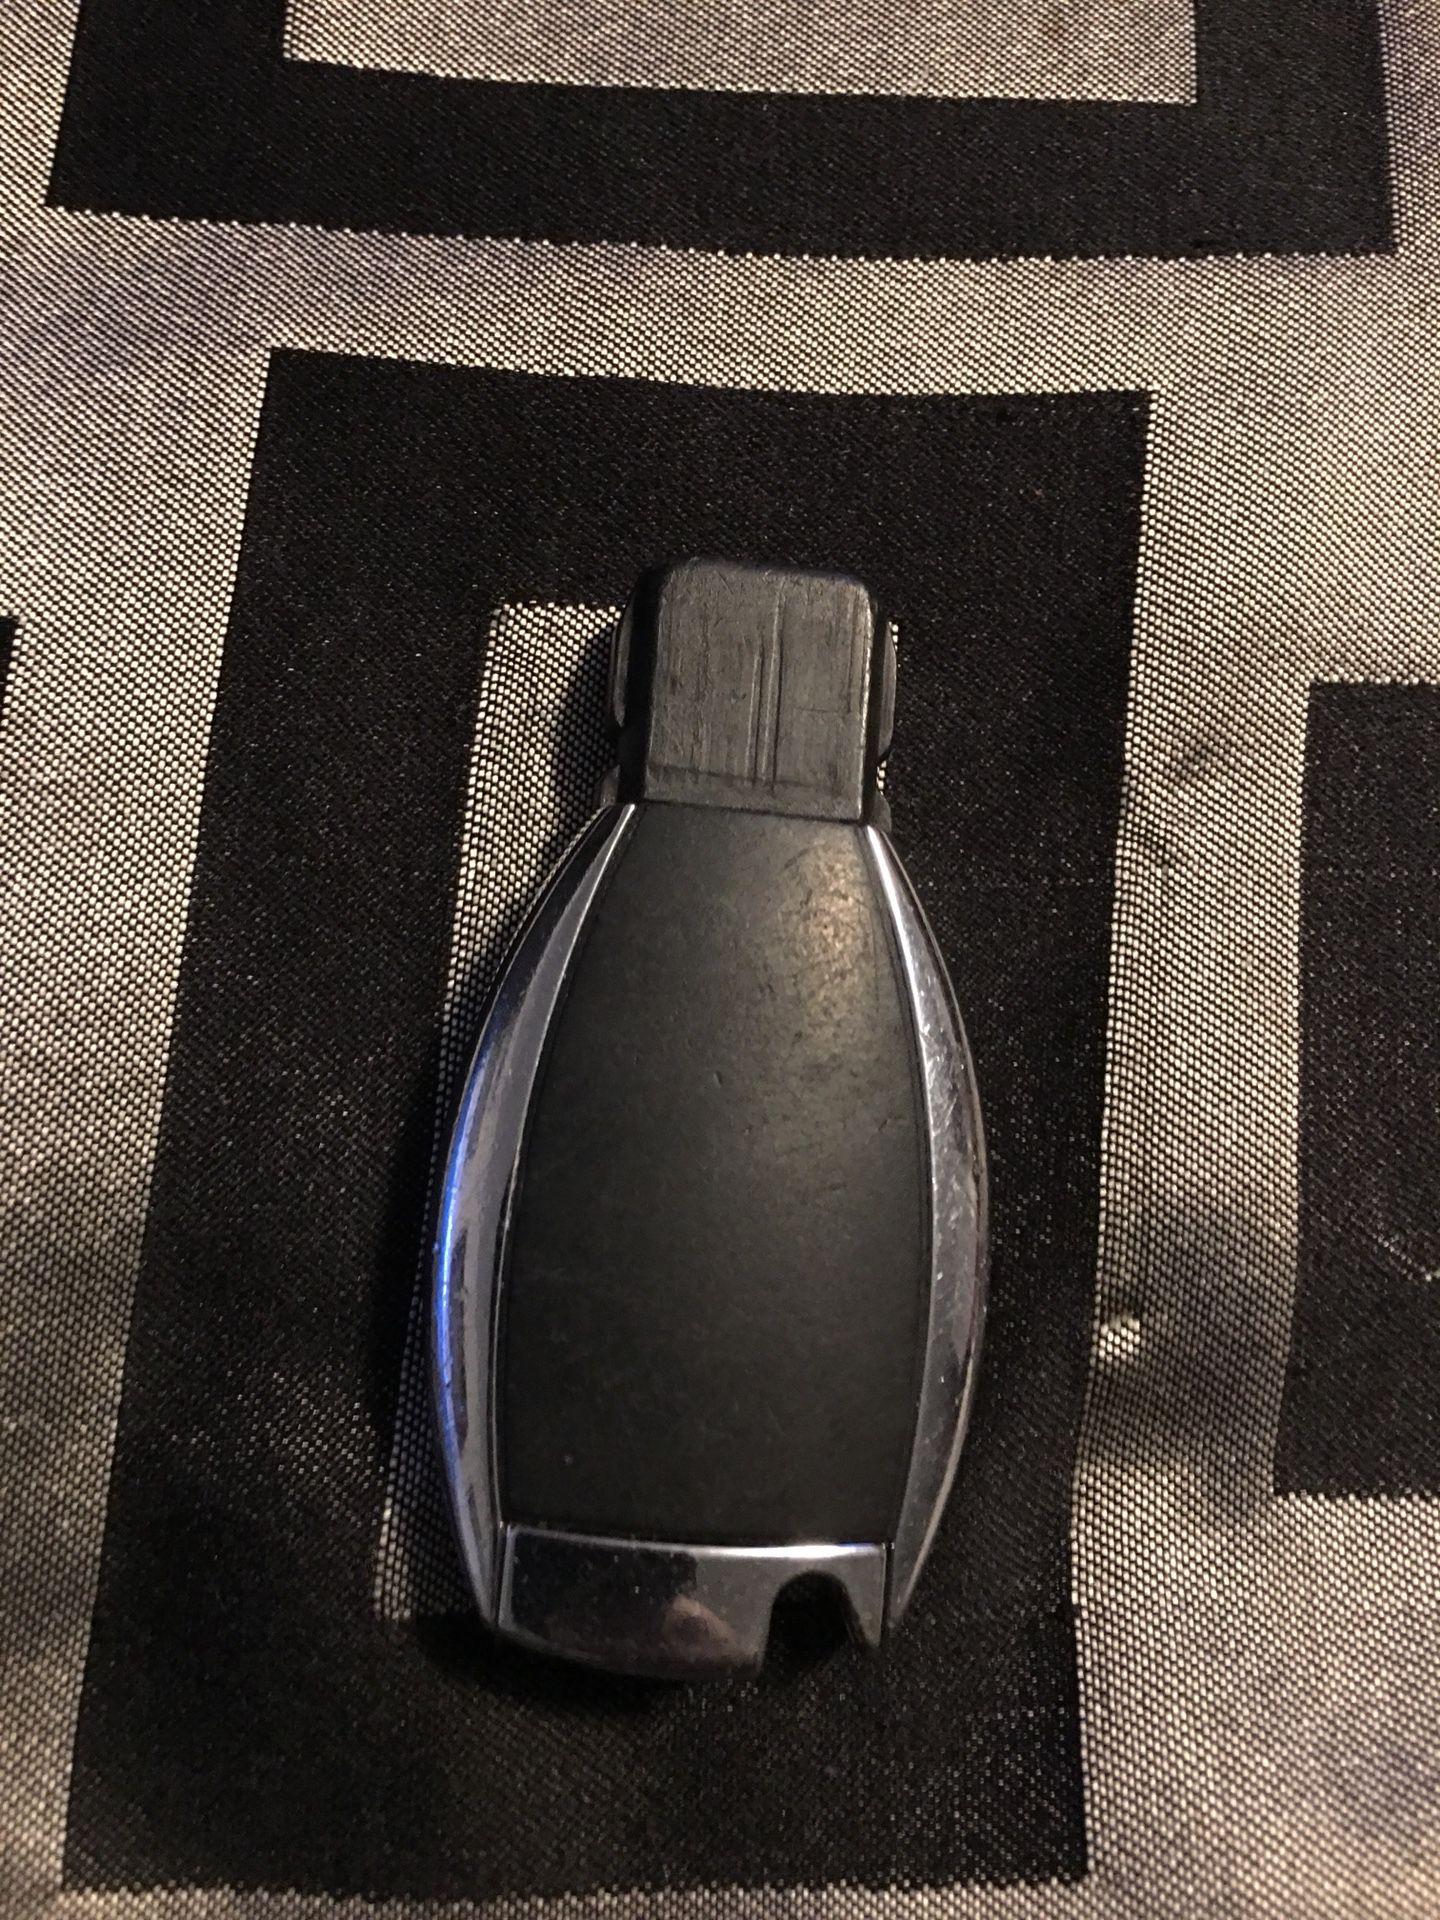 Mercedes key fob